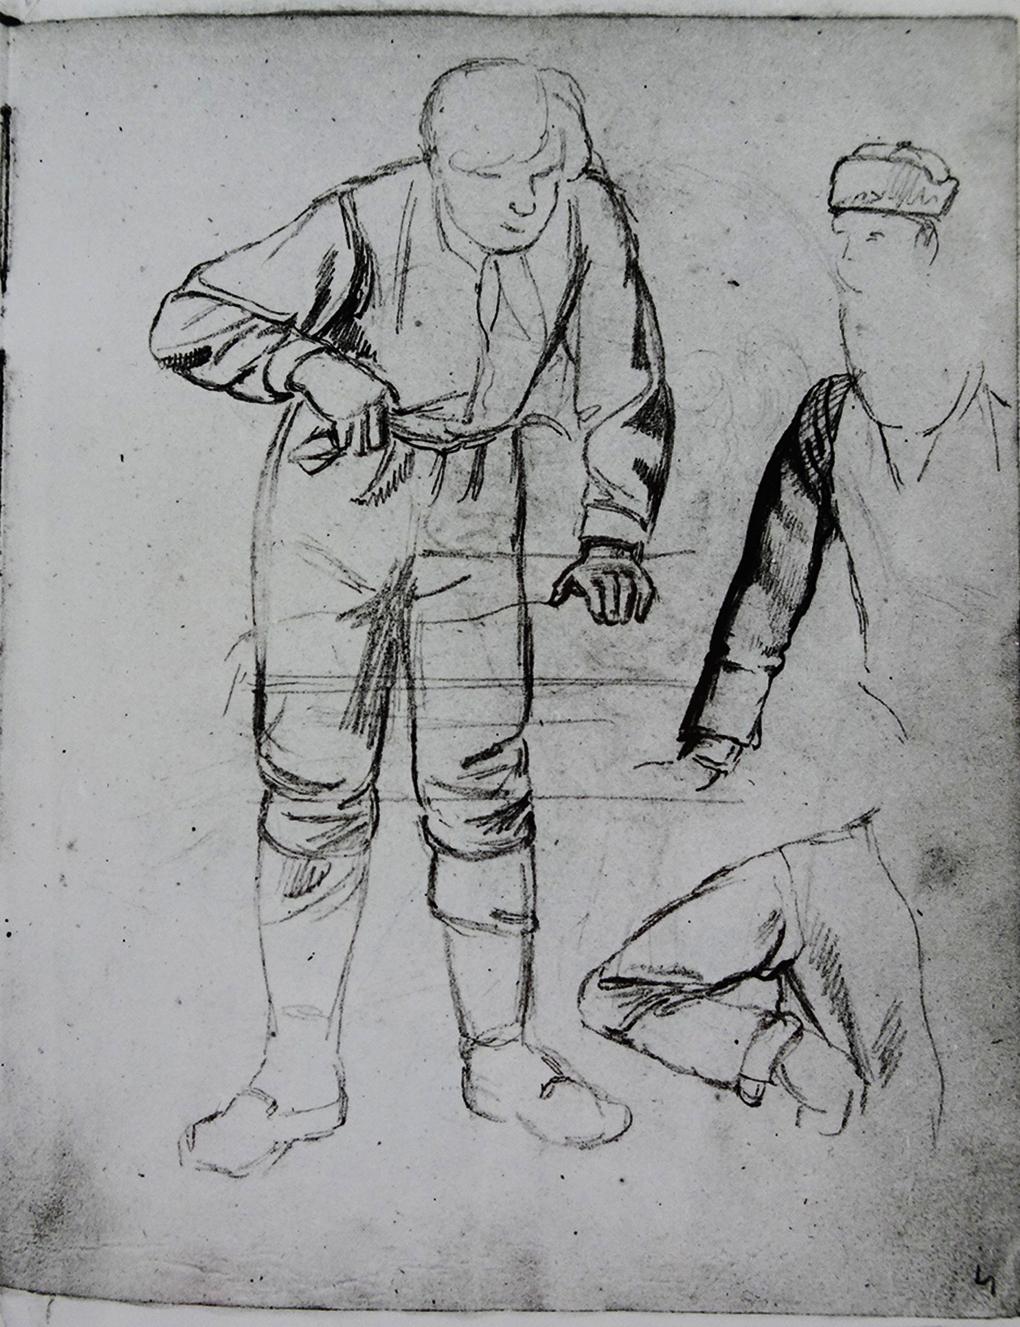 Ludwig Most, Studium kelnera, niedatowany, 29/30 listopada 1830? ołówek, papier welinowy, rysunek w szkicowniku nr II, karta 3, Muzeum Narodowe w Szczecinie